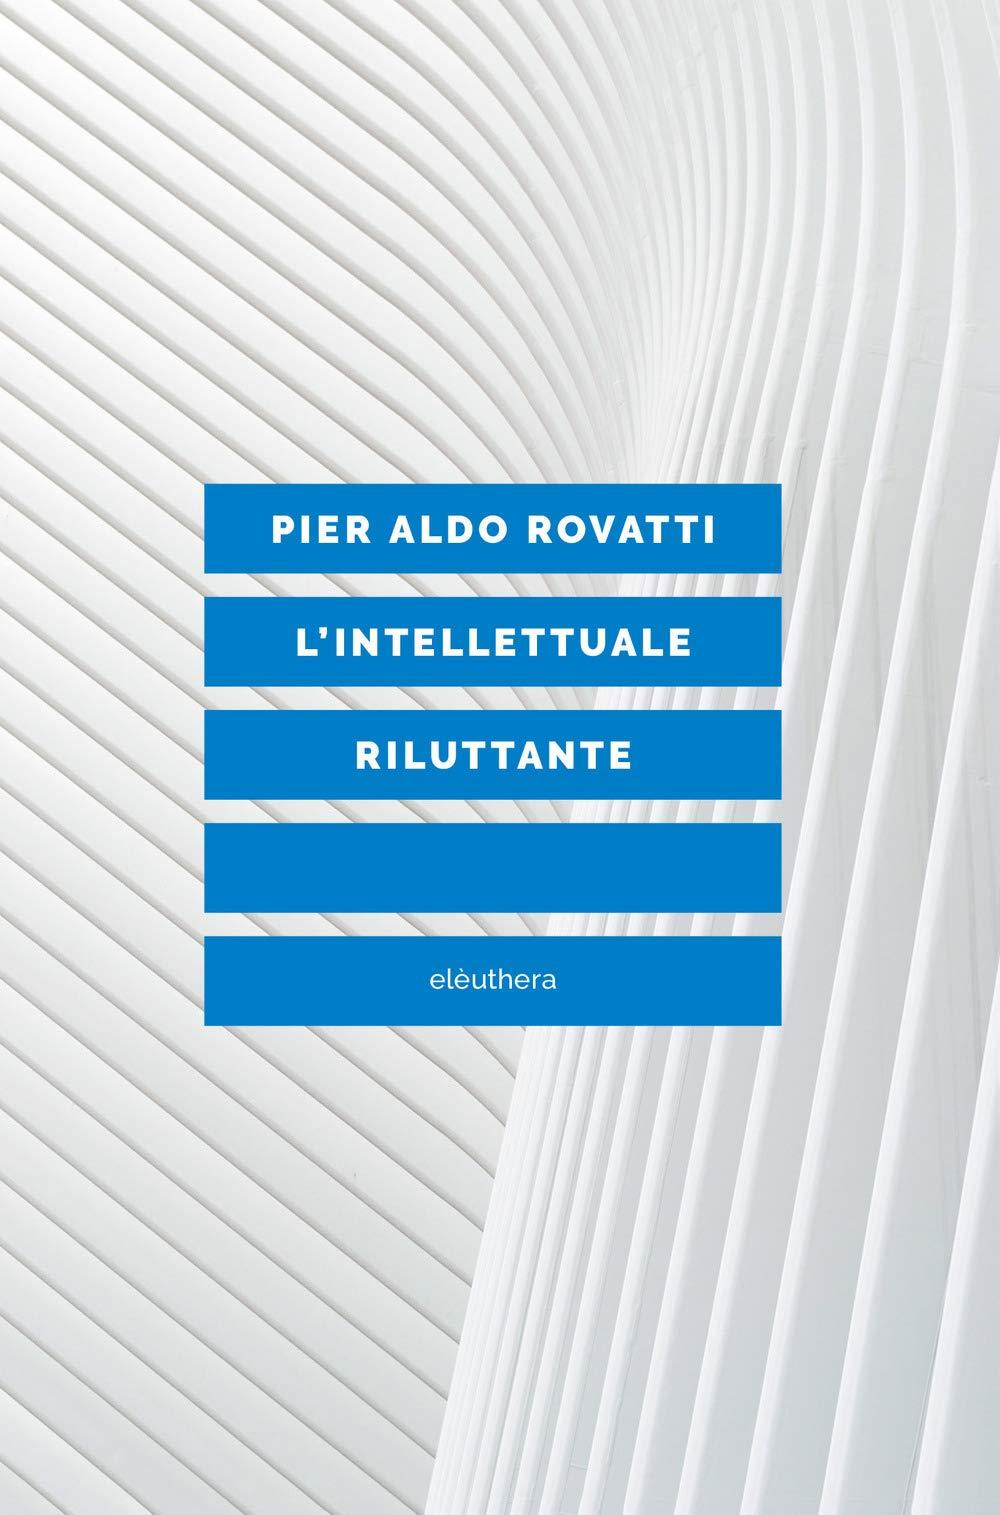 Pier Aldo Rovatti - L'intellettuale riluttante (2018).